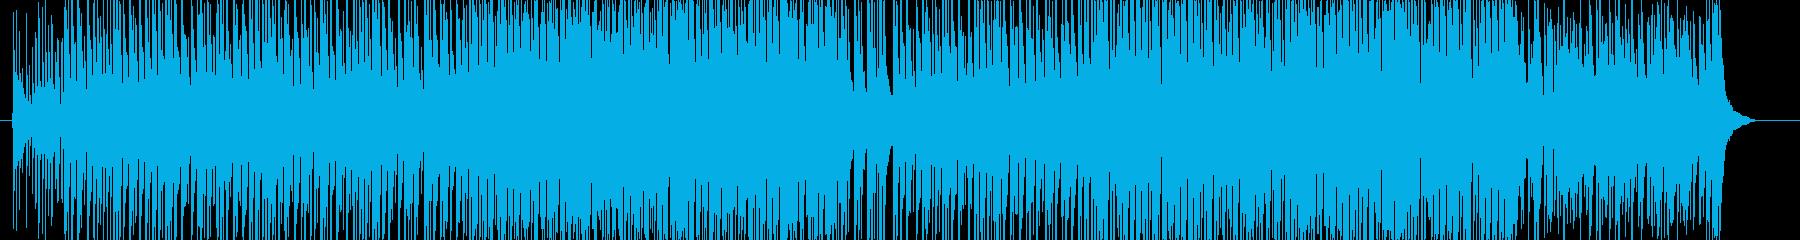 ど真ん中!太鼓と三味線が熱い曲(声なし)の再生済みの波形